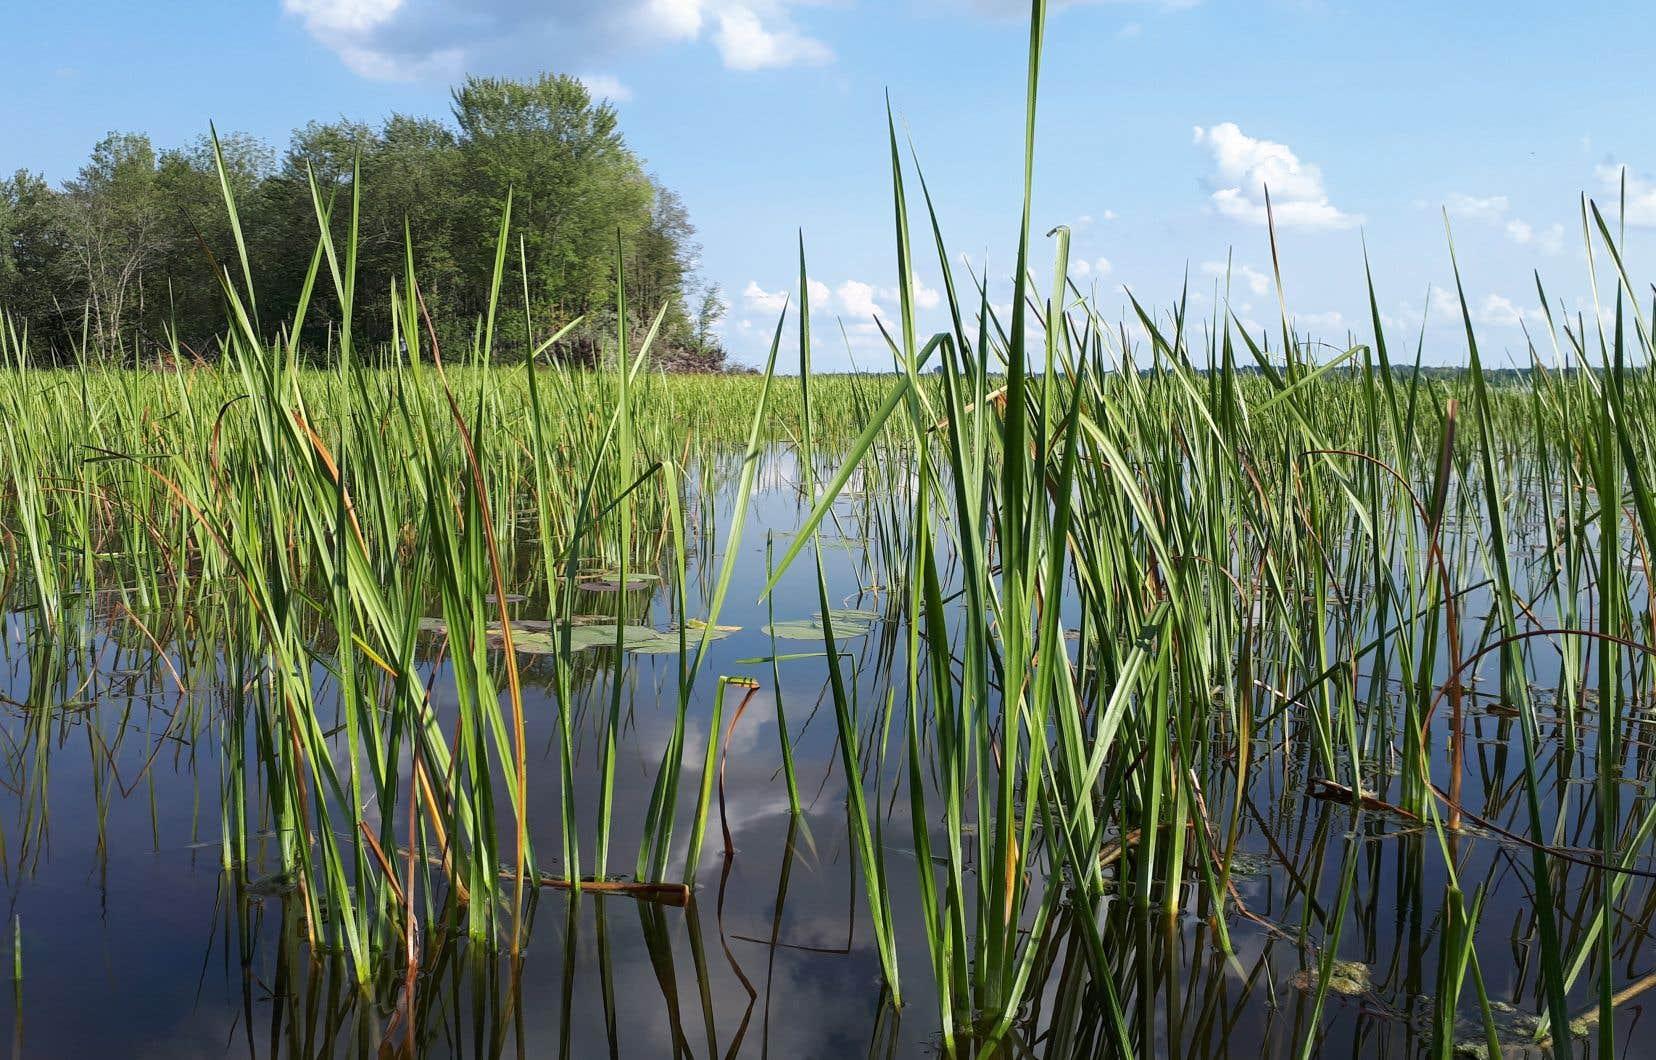 «Il s'agit de redonner à la nature ses fonctions initiales. De créer des zones tampons de rétention d'eau. C'est primordial pour tous les problèmes d'inondations qu'on vit en ce moment», explique Daniel Bergeron.